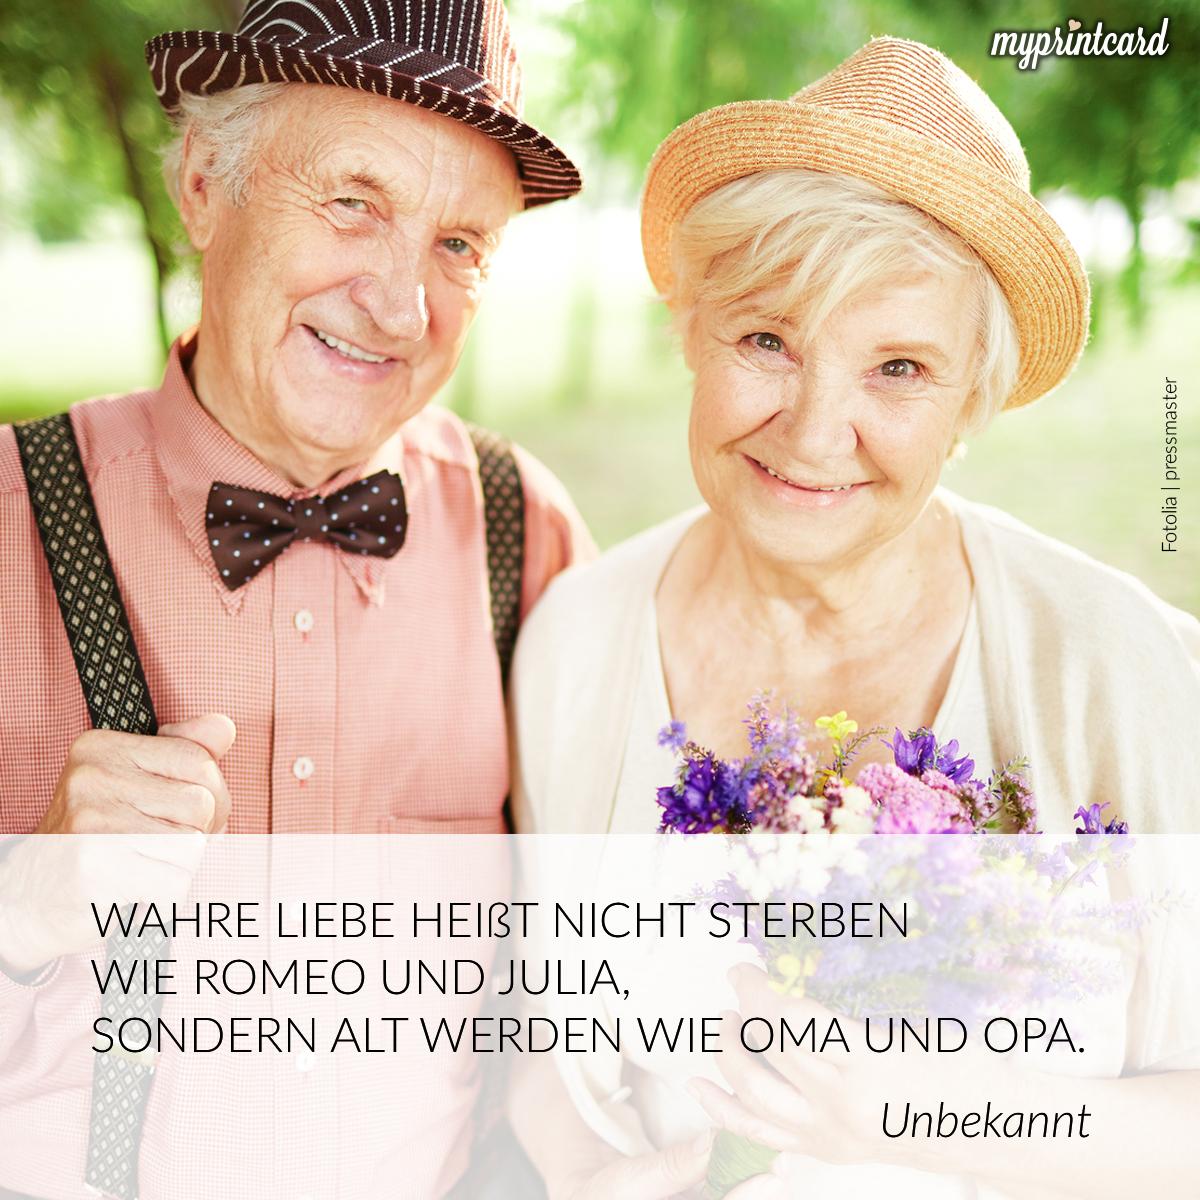 Oma Und Opa Machen Liebe